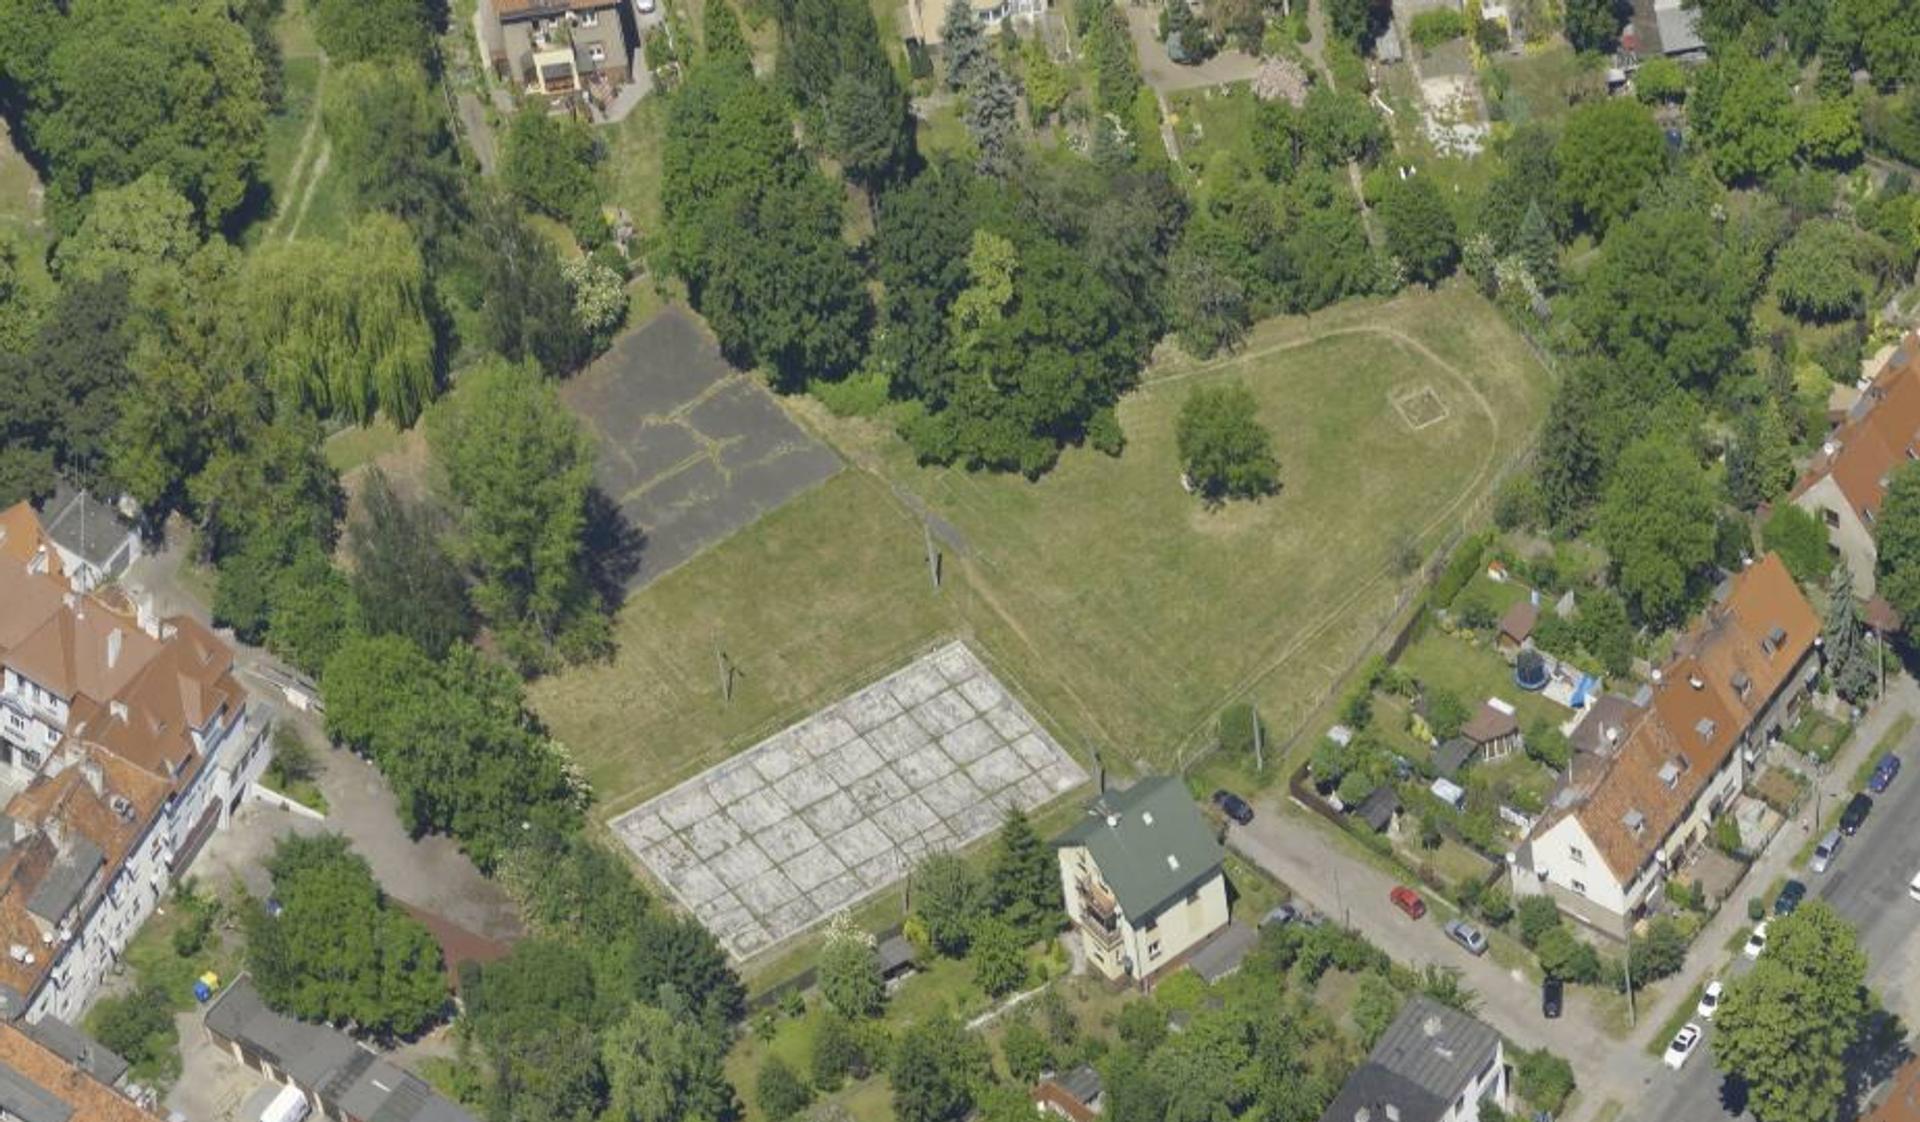 Wrocław: ZIM szuka wykonawcy terenu rekreacyjnego na Karłowicach